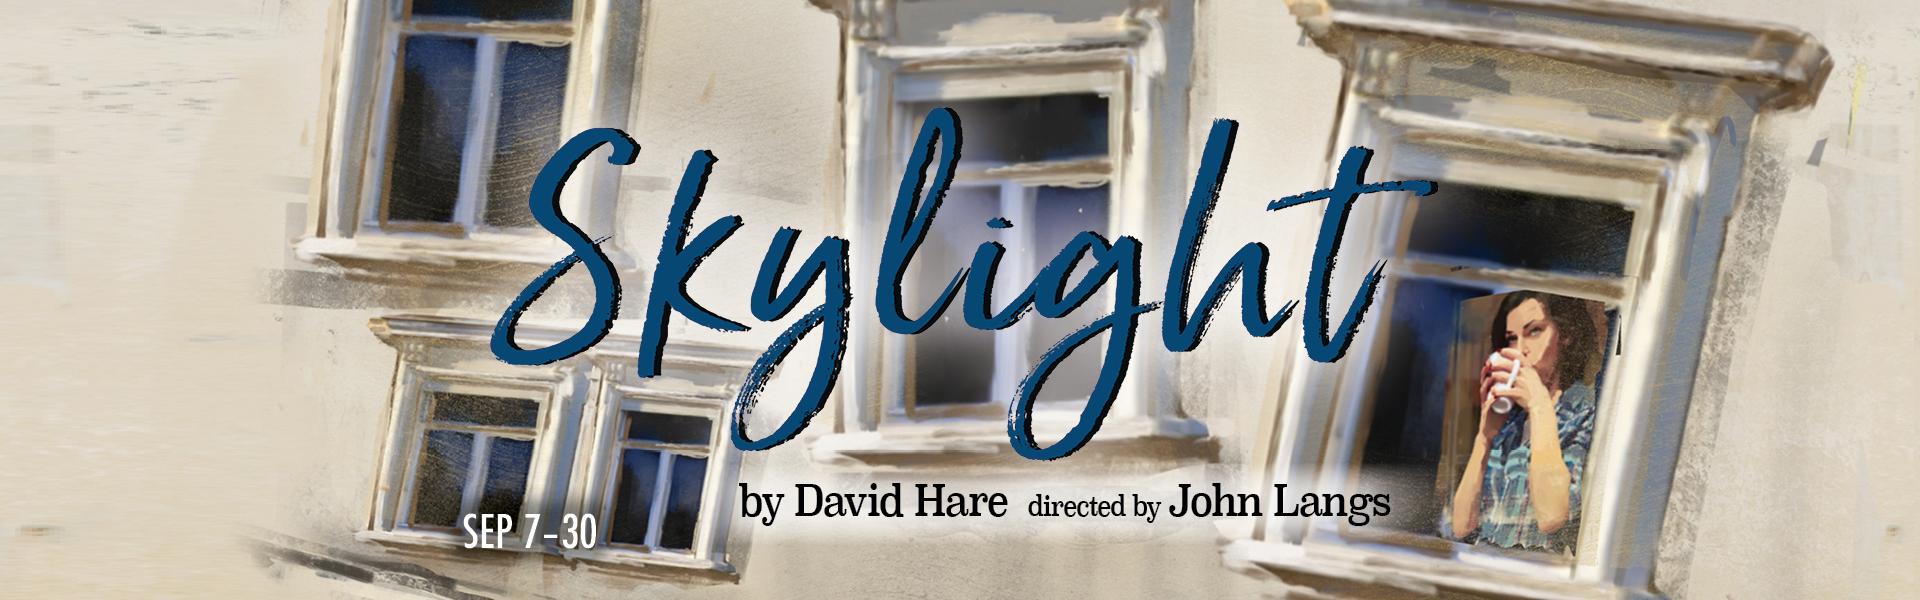 Skylight Banner